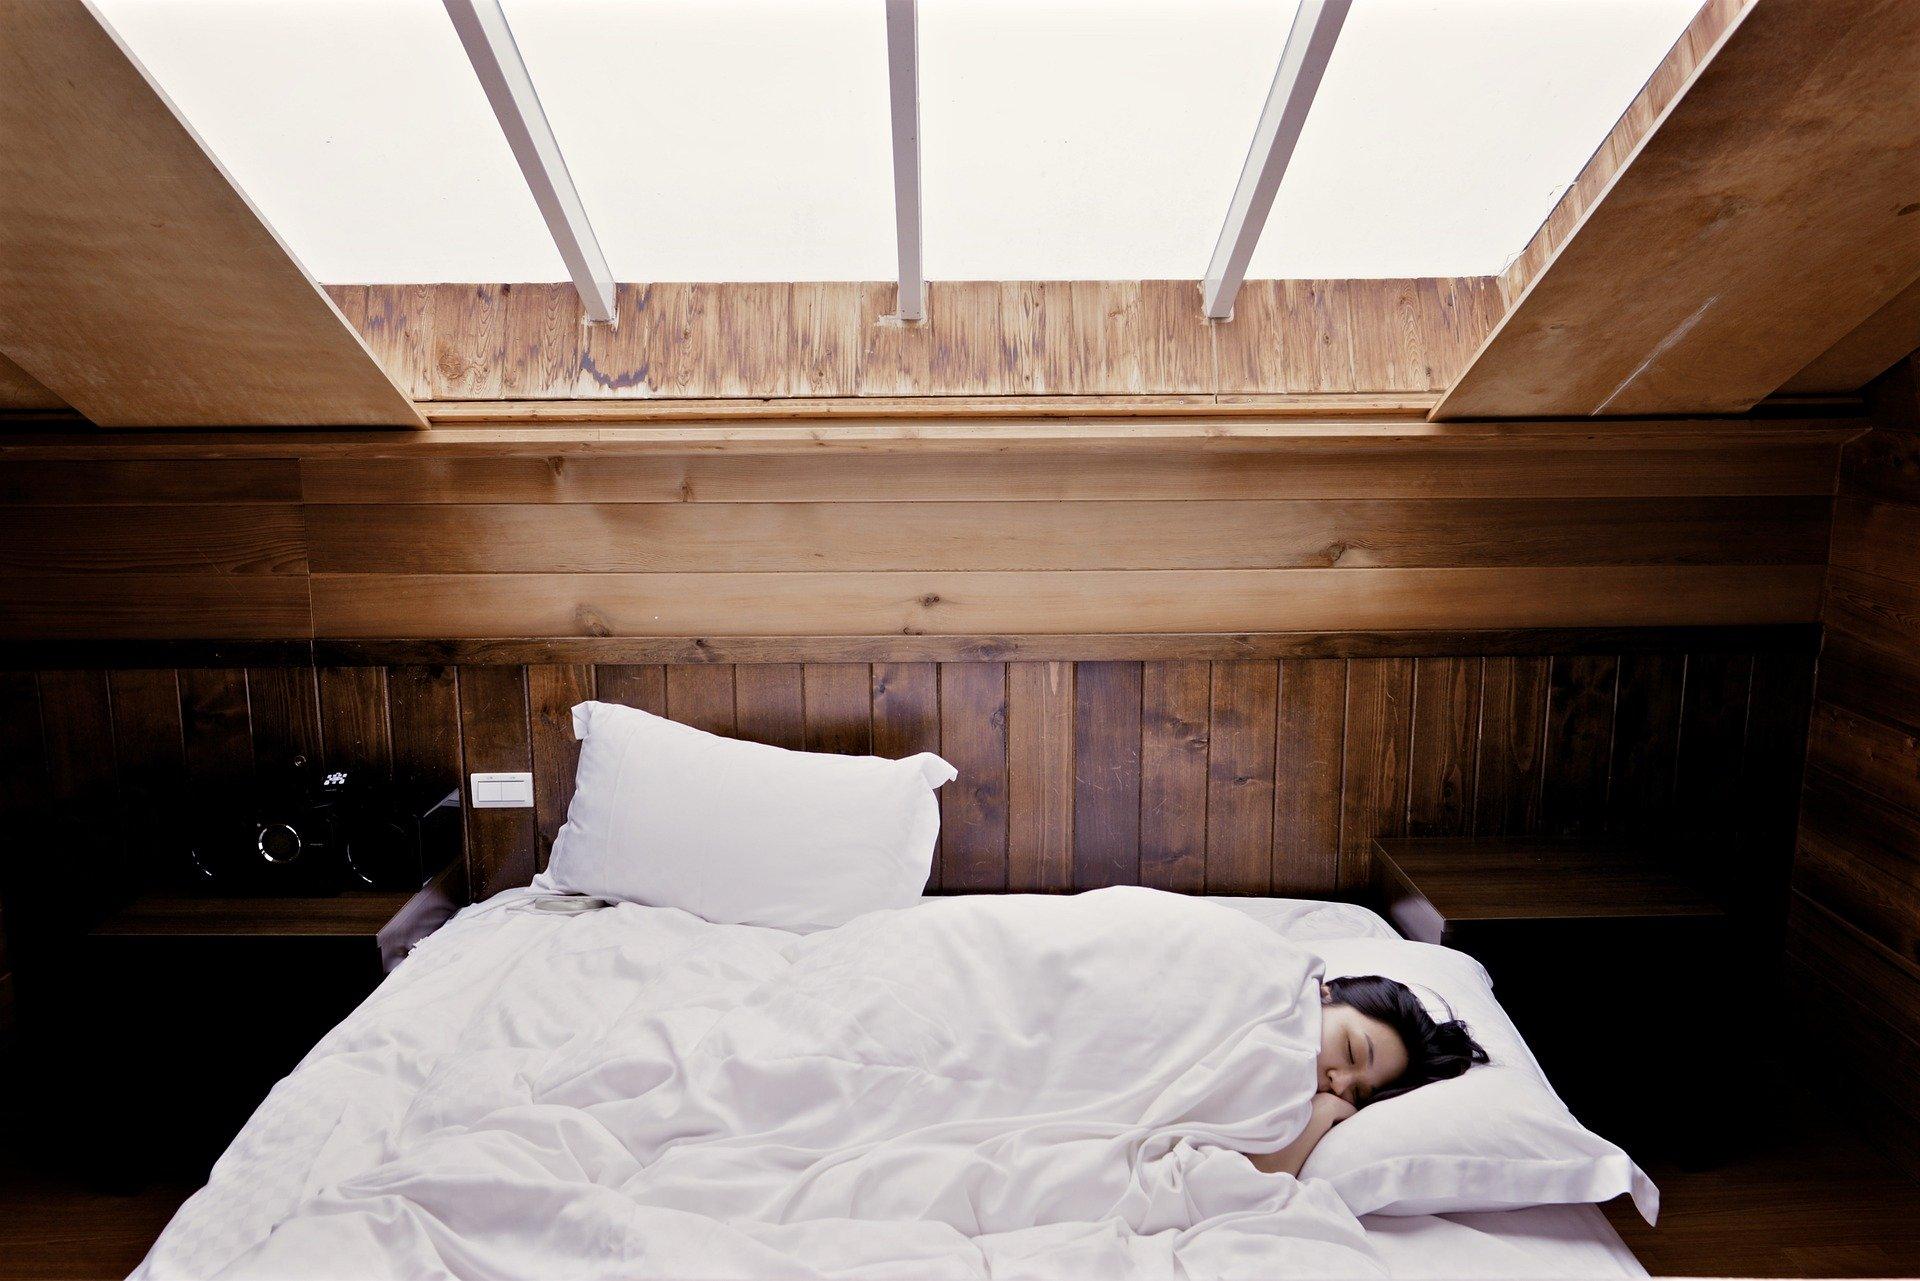 睡眠の質を上げる為の方法